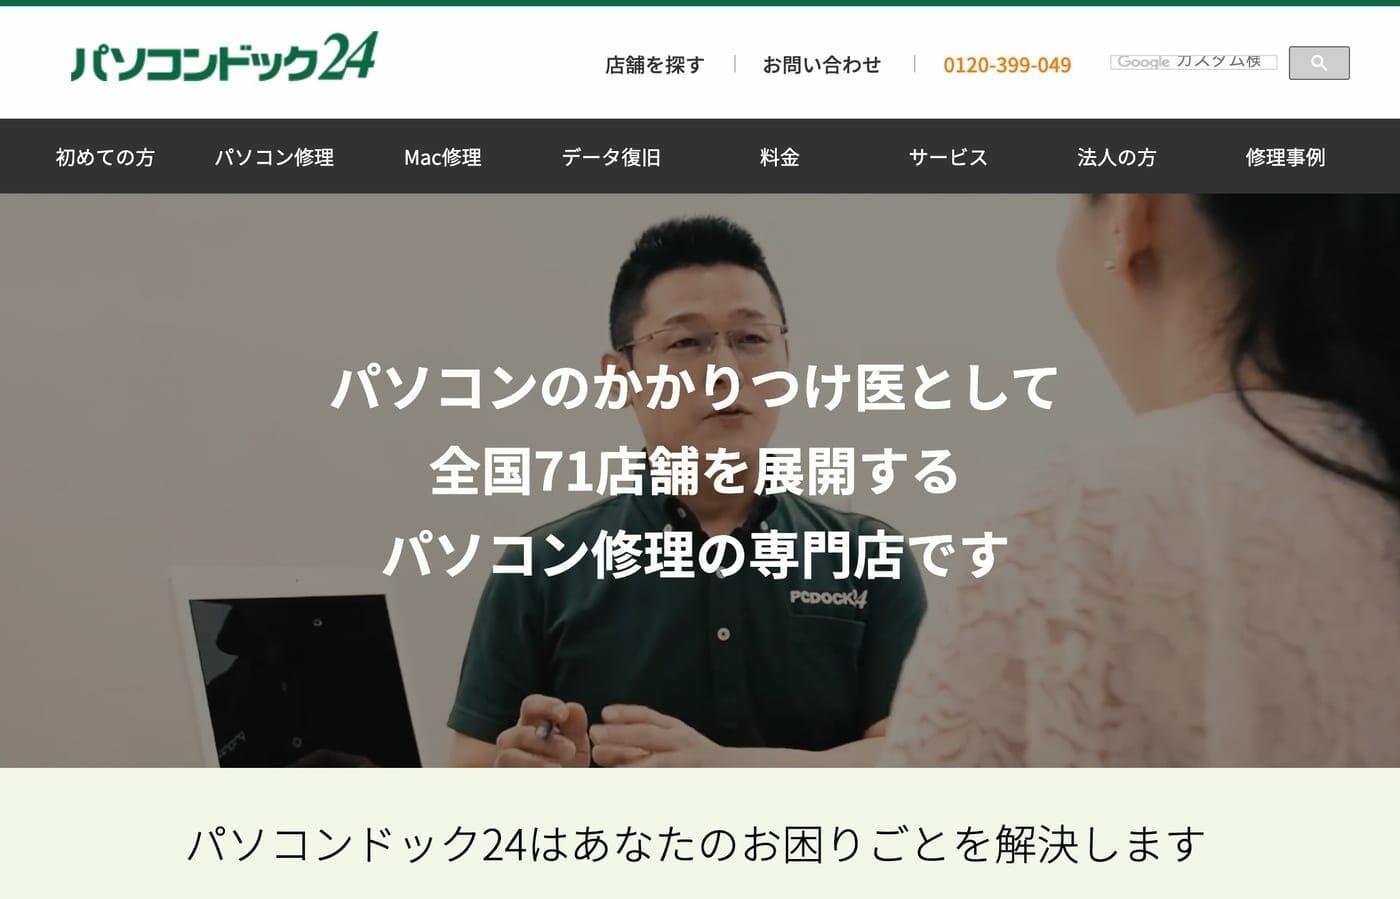 パソコンドック24 ウェブサイト